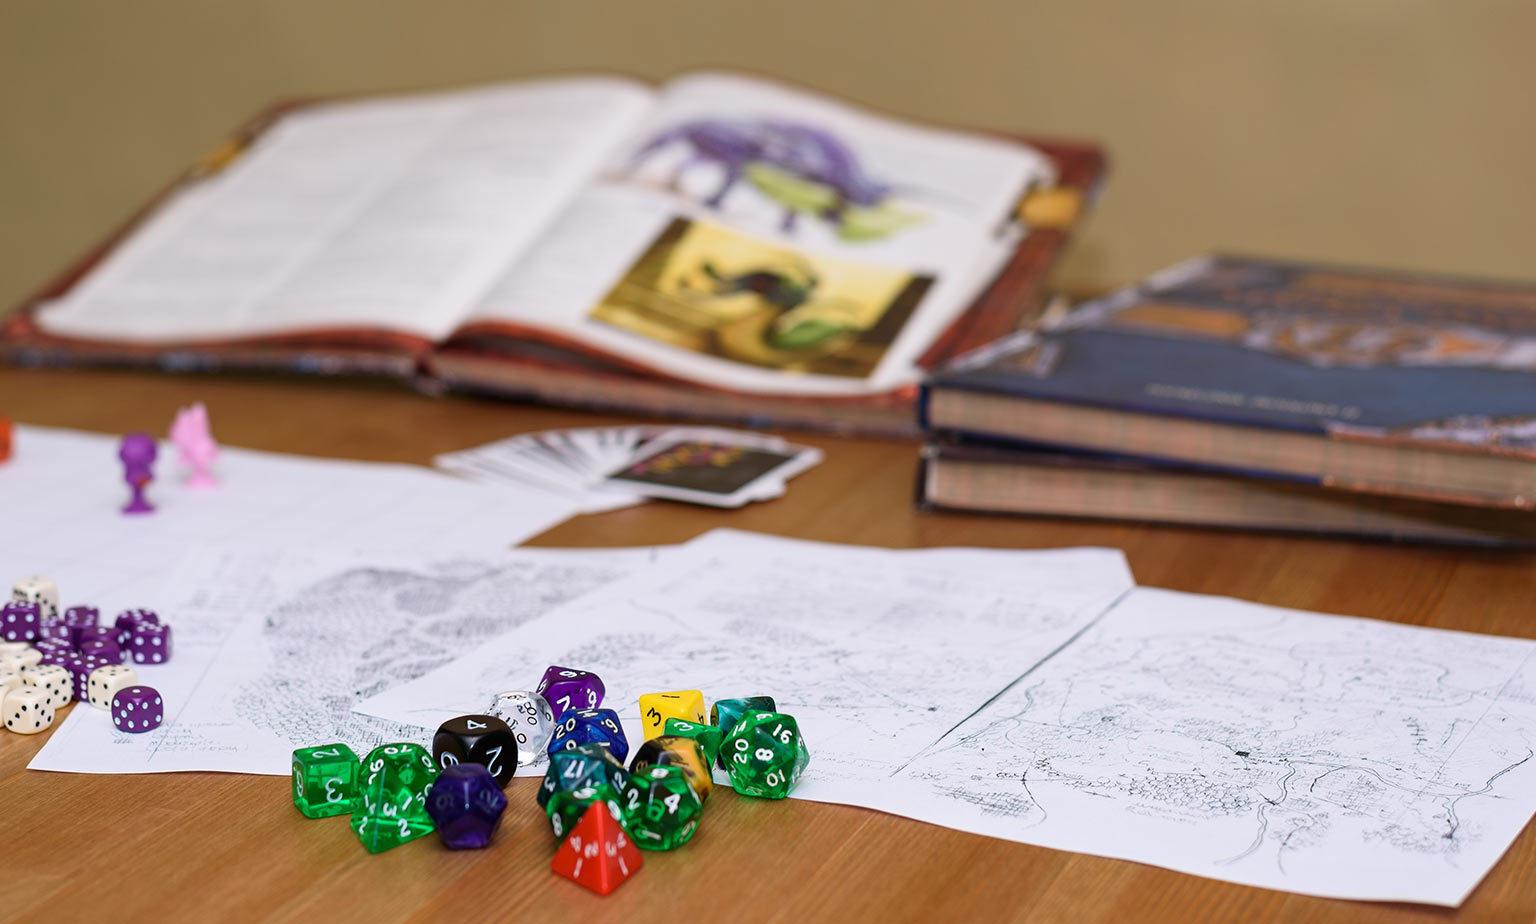 Gebrauchte Tabletop-Spiele